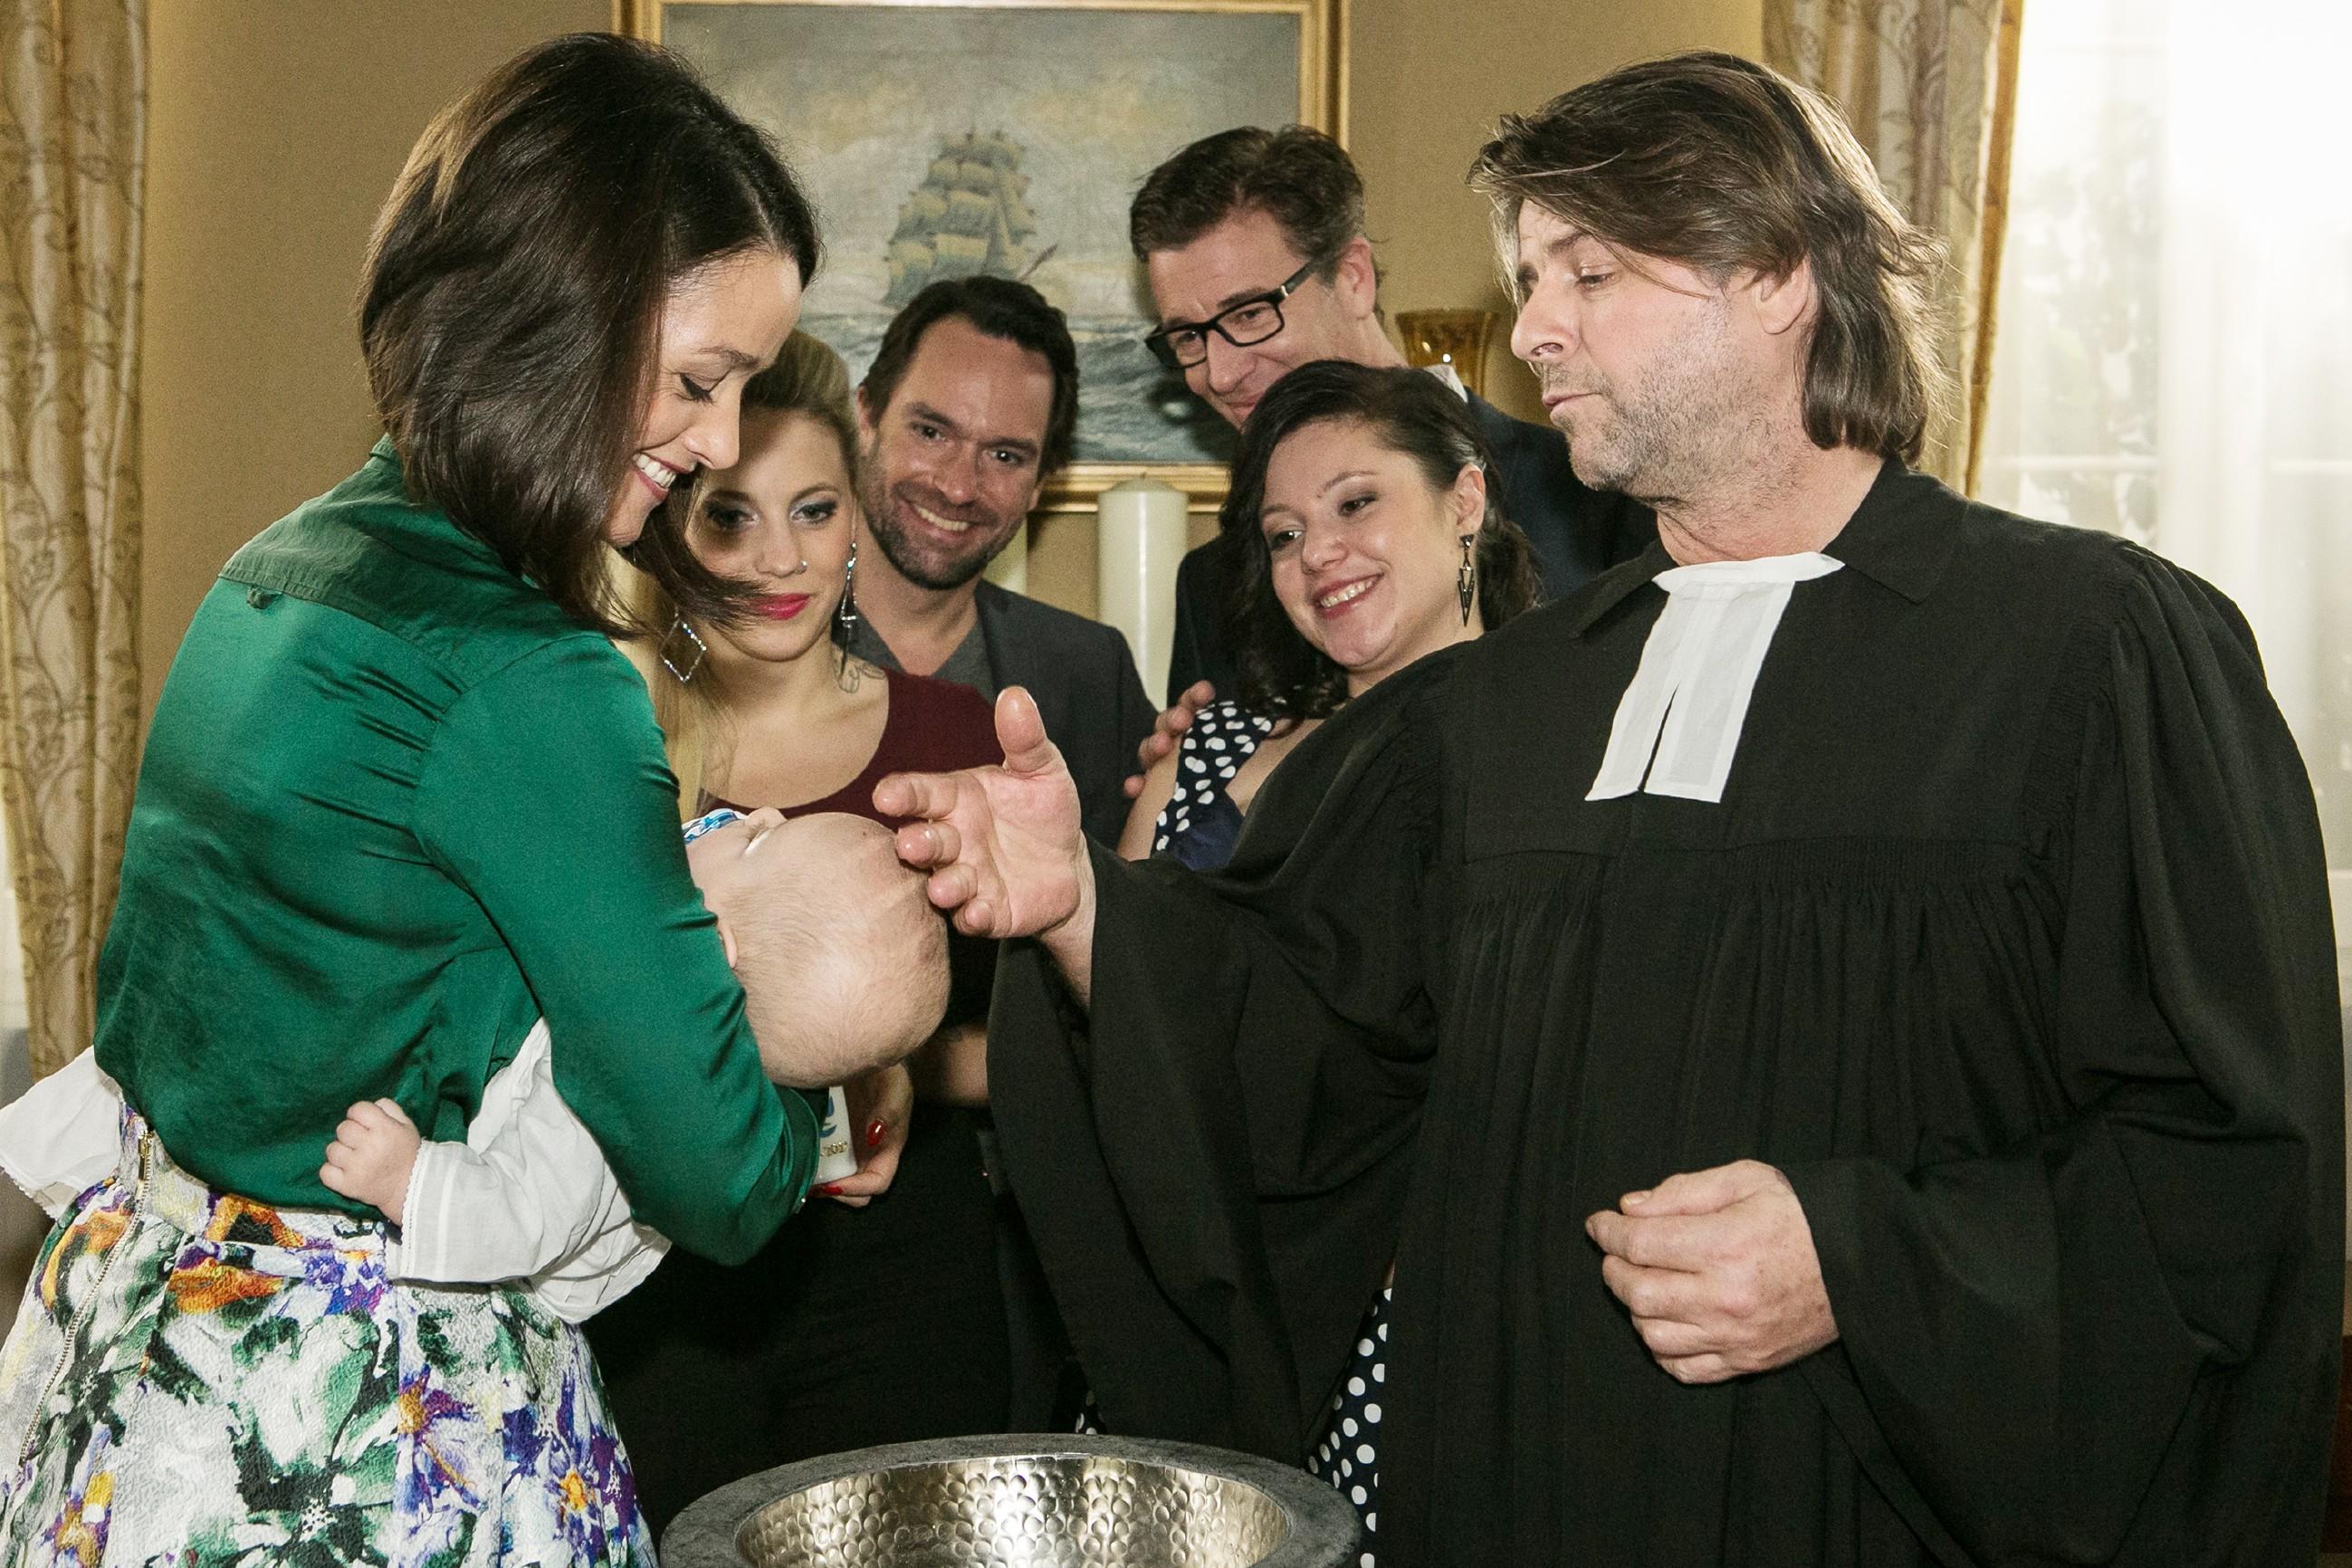 V.l.: Jenny (Kaja Schmidt-Tychsen), Iva (Christina Klein), Thomas (Daniel Brockhaus), Christoph (Lars Korten) und Vanessa (Julia Augustin) verfolgen ergriffen, wie Baby Henry von Pfarrer Hellmut (Uwe Fellensiek) getauft wird. (Quelle: RTL / Kai Schulz)